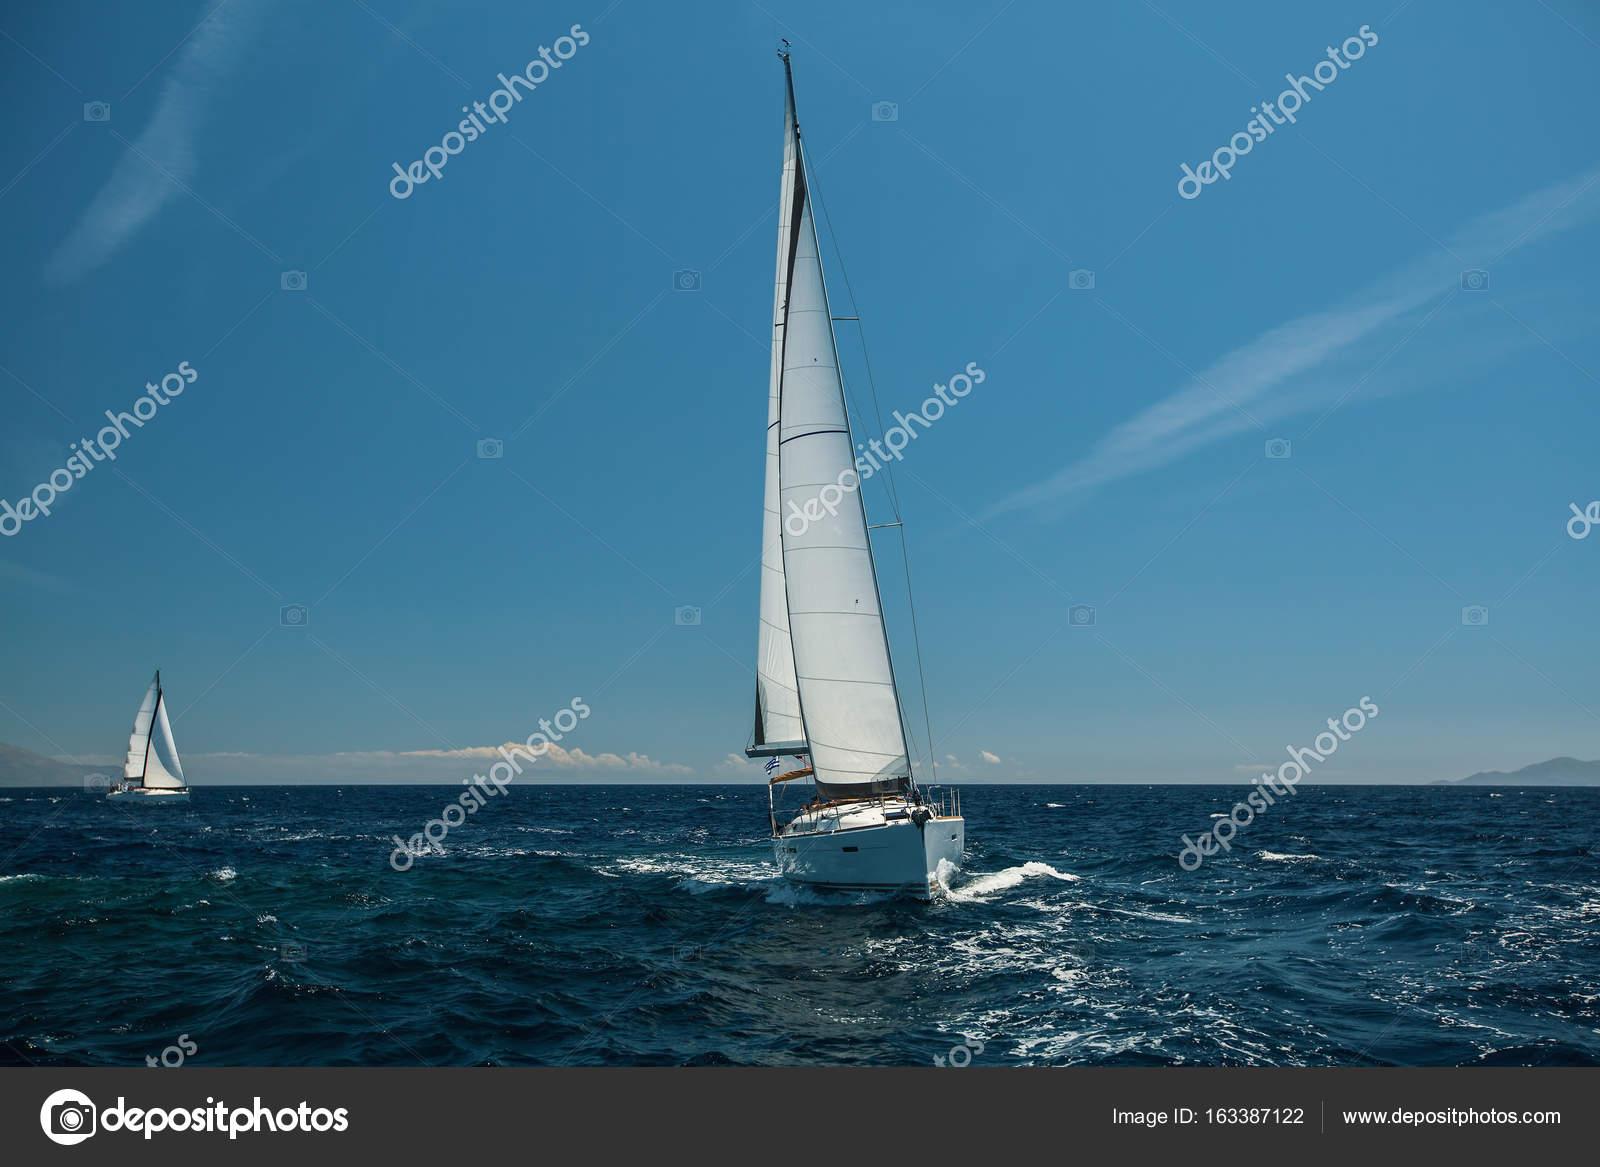 Luxus segelyachten hersteller  Schiff Luxus Segelyachten — Stockfoto © dimaberkut #163387122